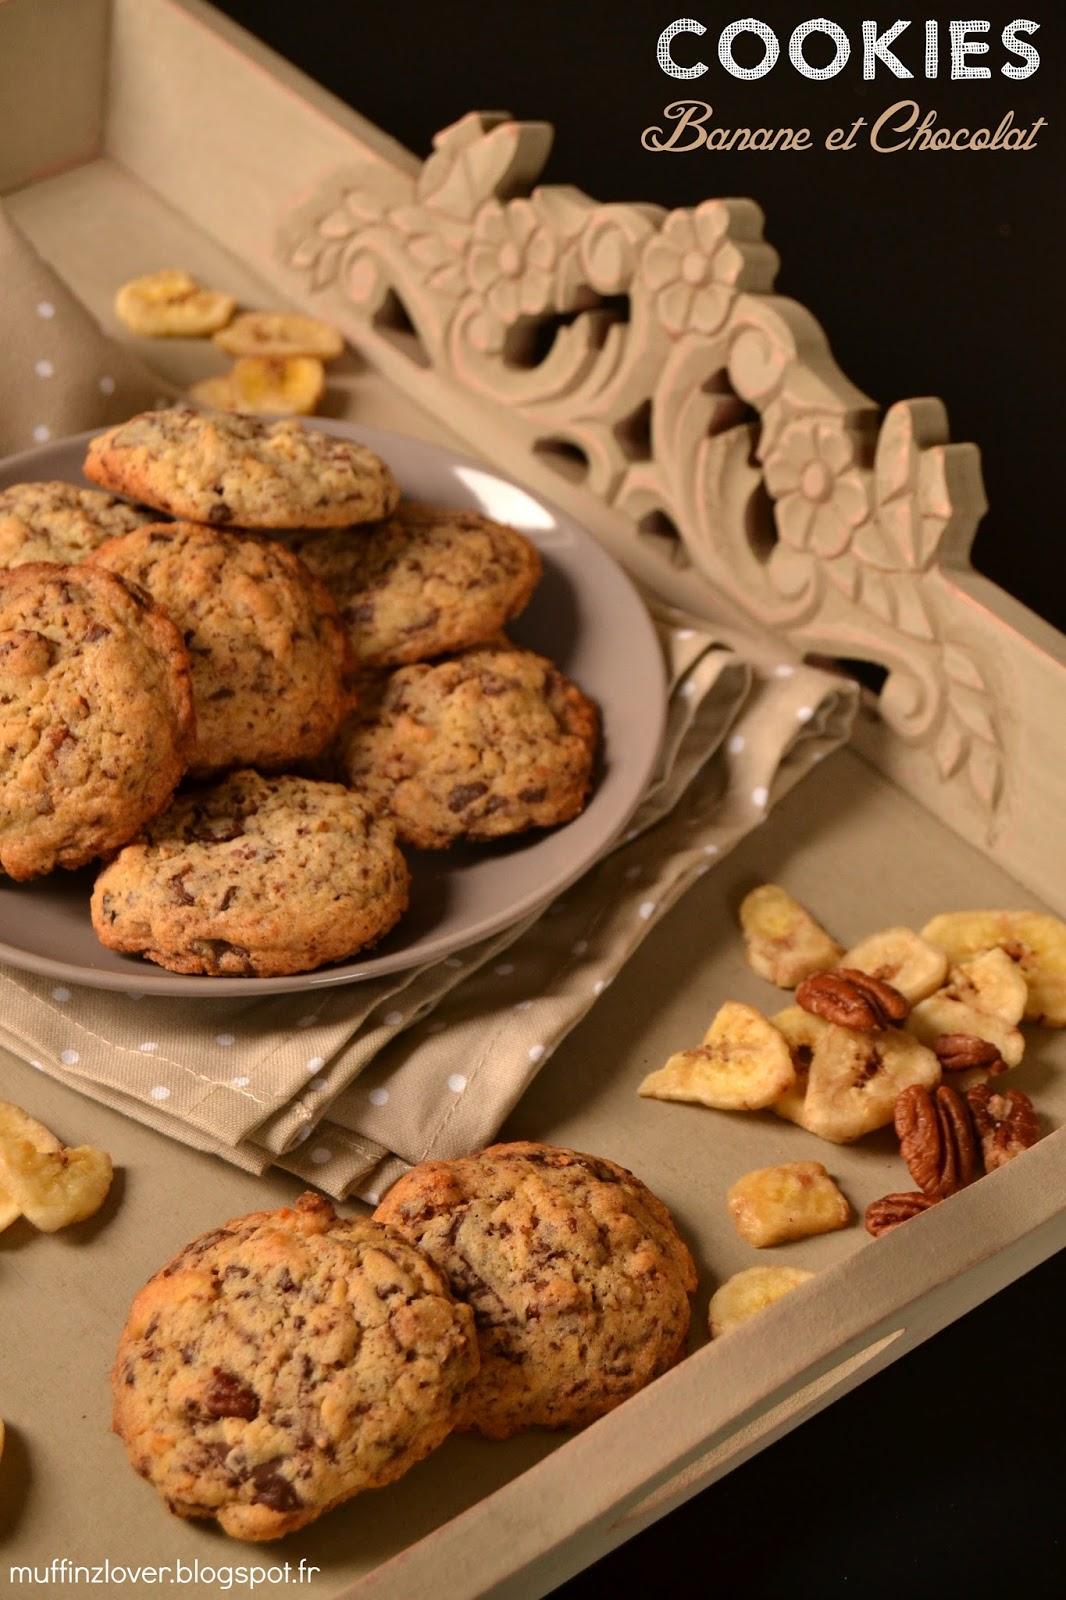 Recette Cookies Banane et chocolat - muffinzlover.blogspot.fr